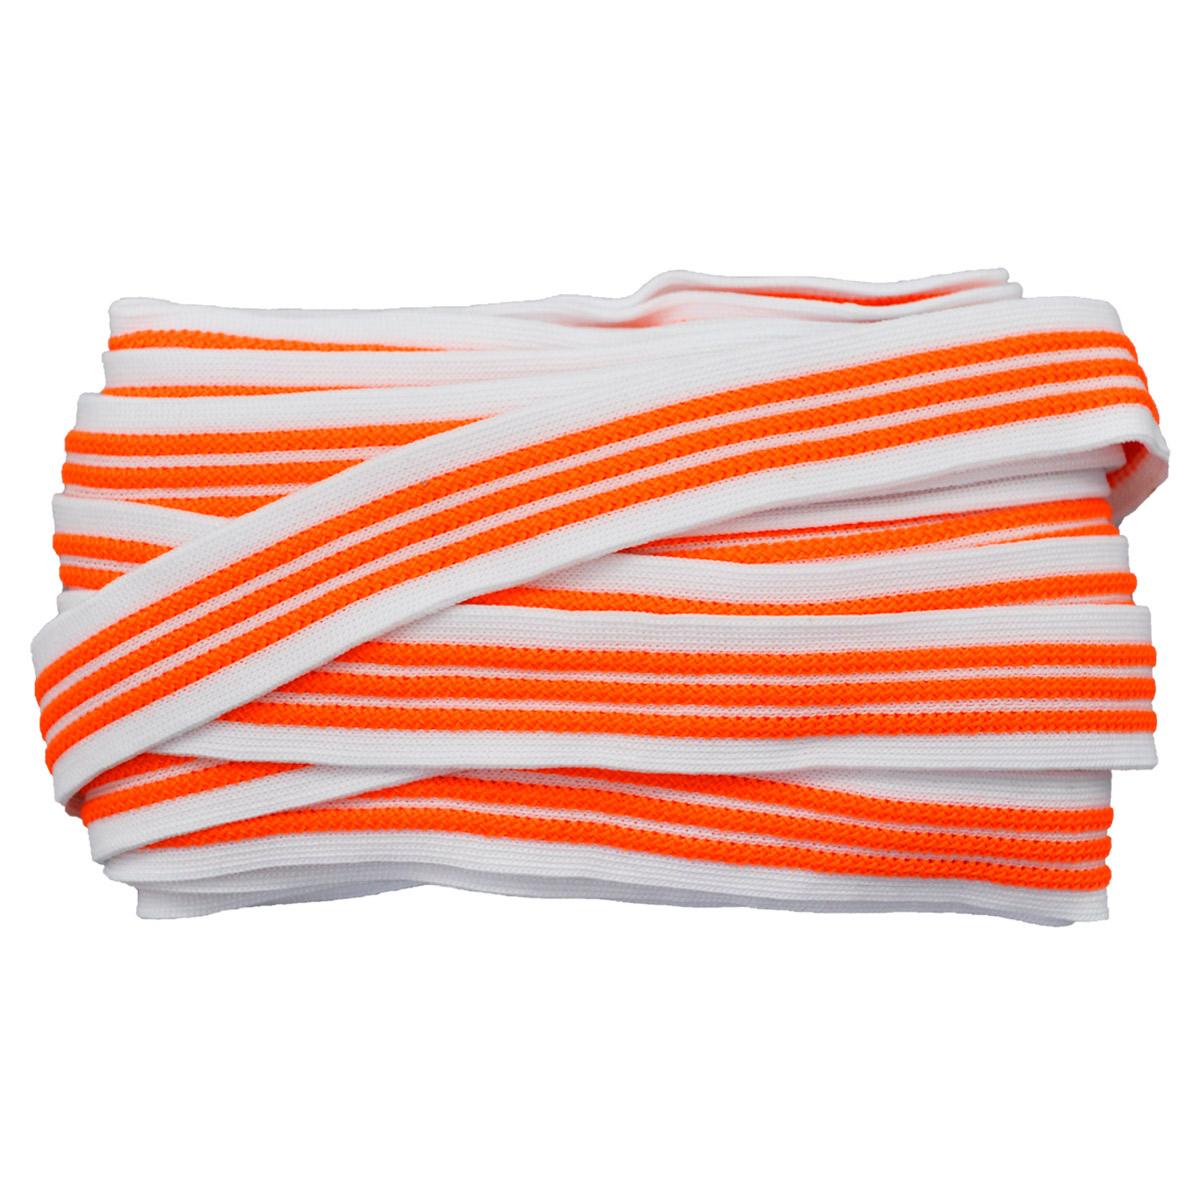 Лента лампасная №98 белый/оранжевый 2см уп*10м, 2135001348337